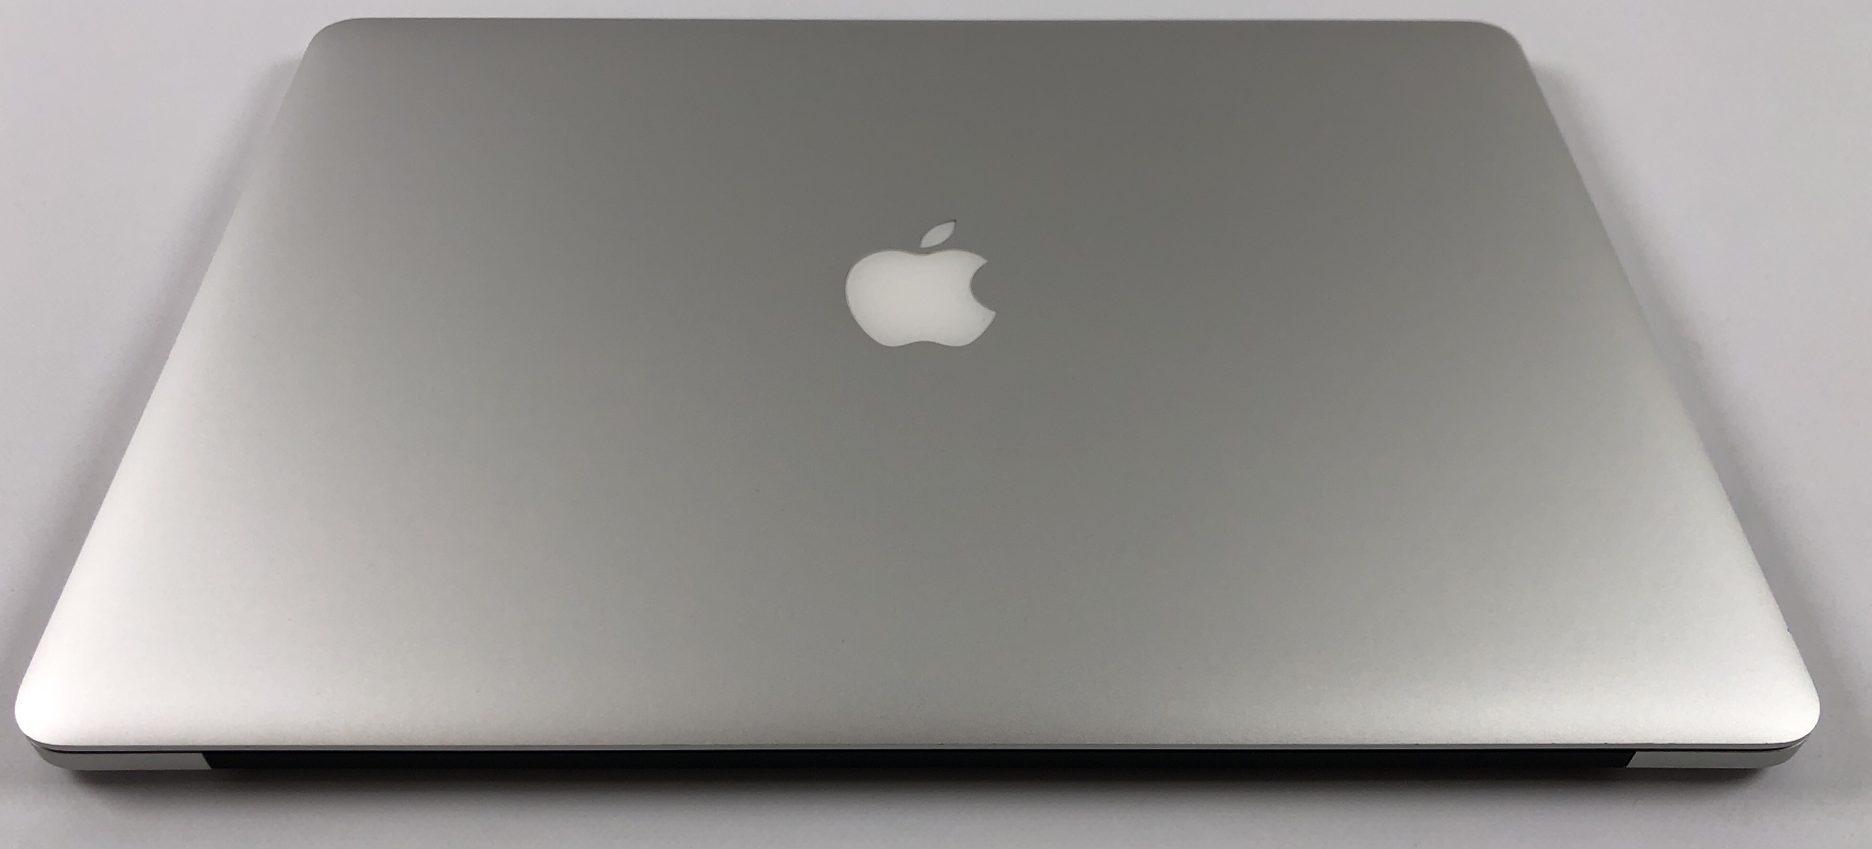 """MacBook Pro Retina 15"""" Mid 2015 (Intel Quad-Core i7 2.5 GHz 16 GB RAM 512 GB SSD), Intel Quad-Core i7 2.8 GHz, 16 GB RAM, 512 GB SSD, imagen 2"""